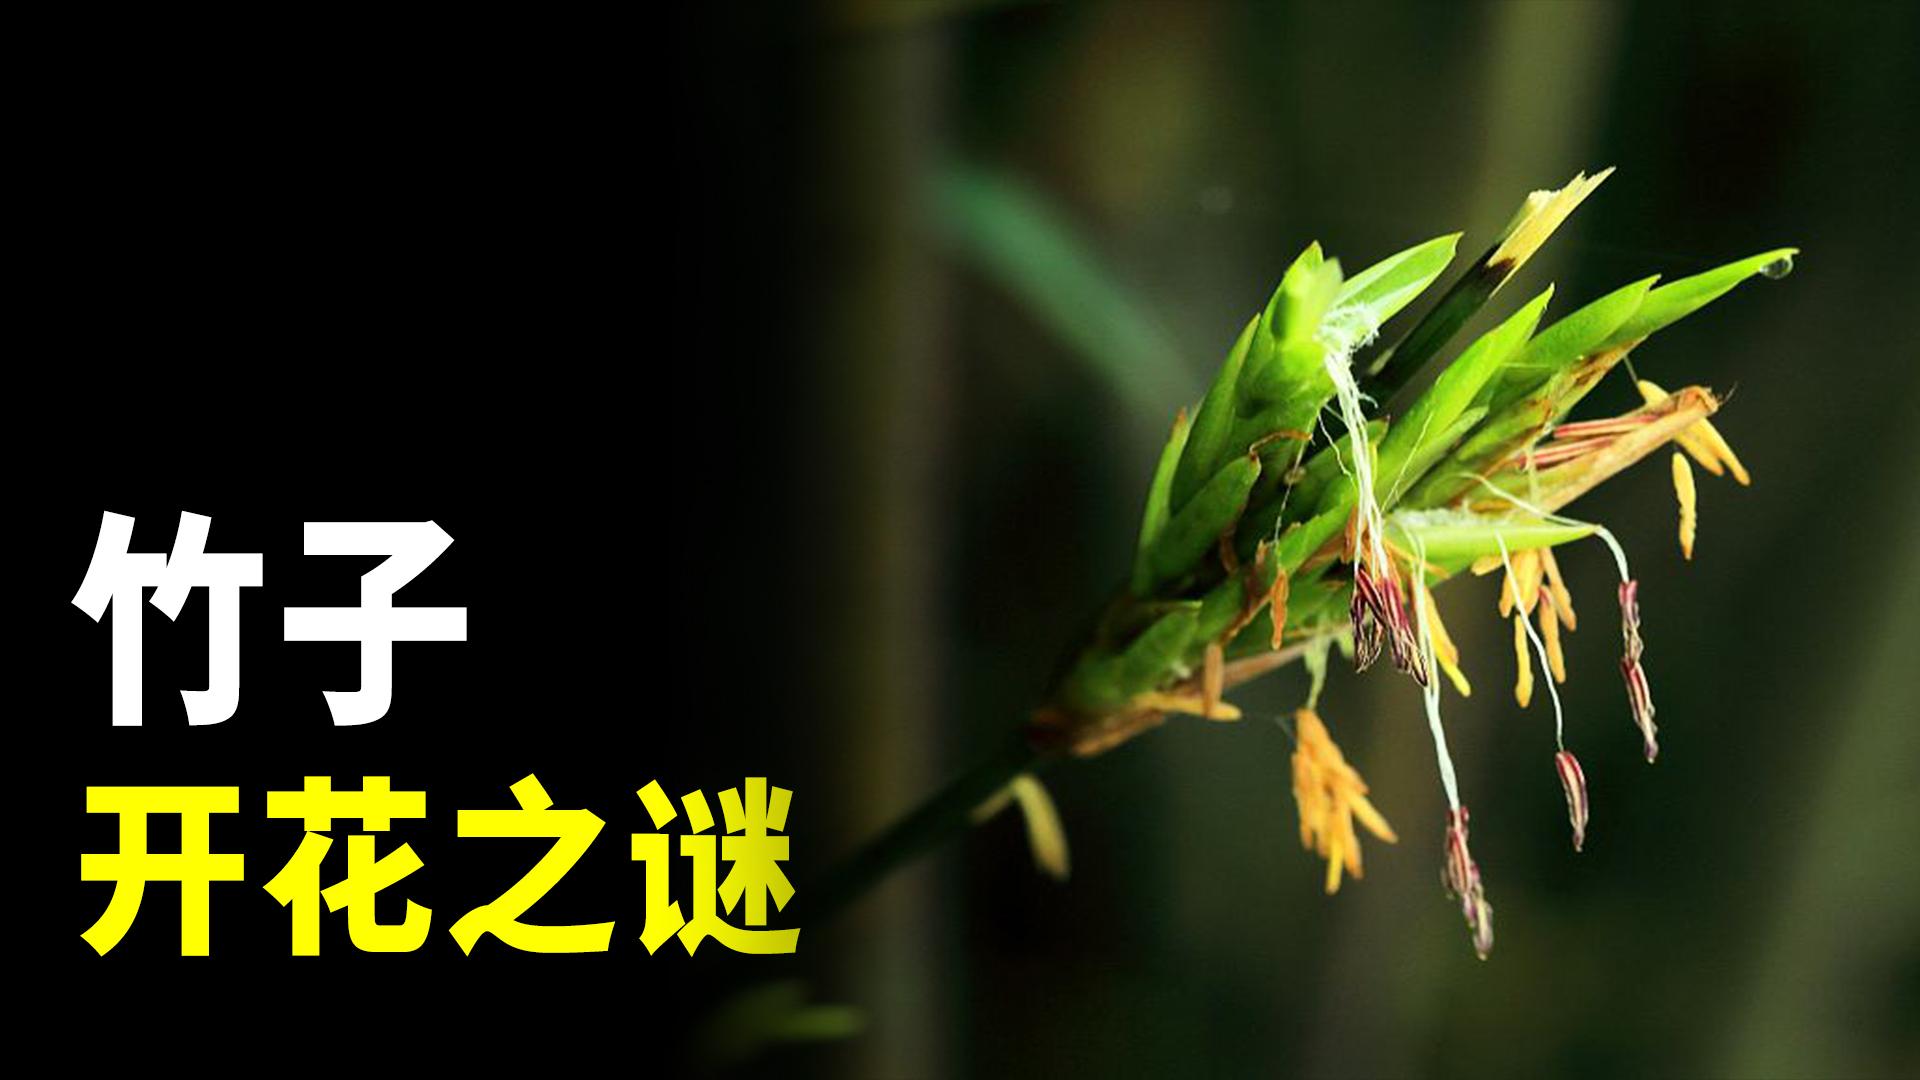 竹子开花是不祥的征兆?竹子开花之谜了解一下